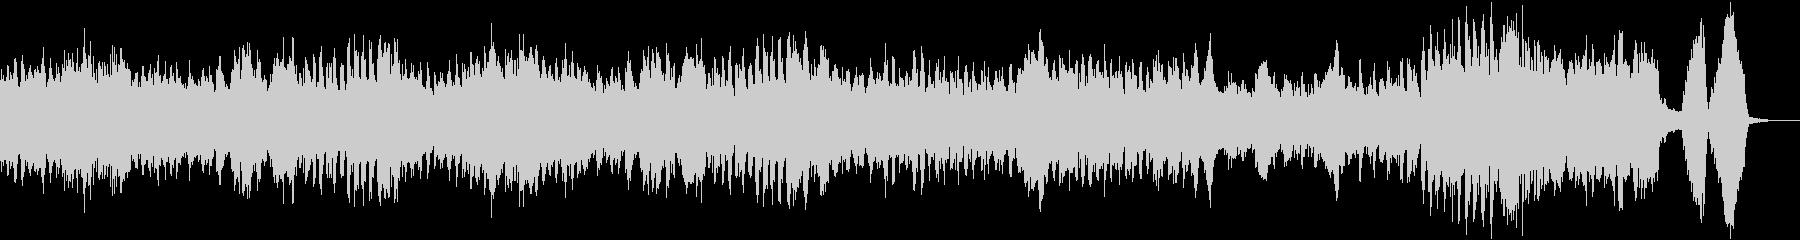 クープランの墓「前奏曲」/ラヴェルの未再生の波形